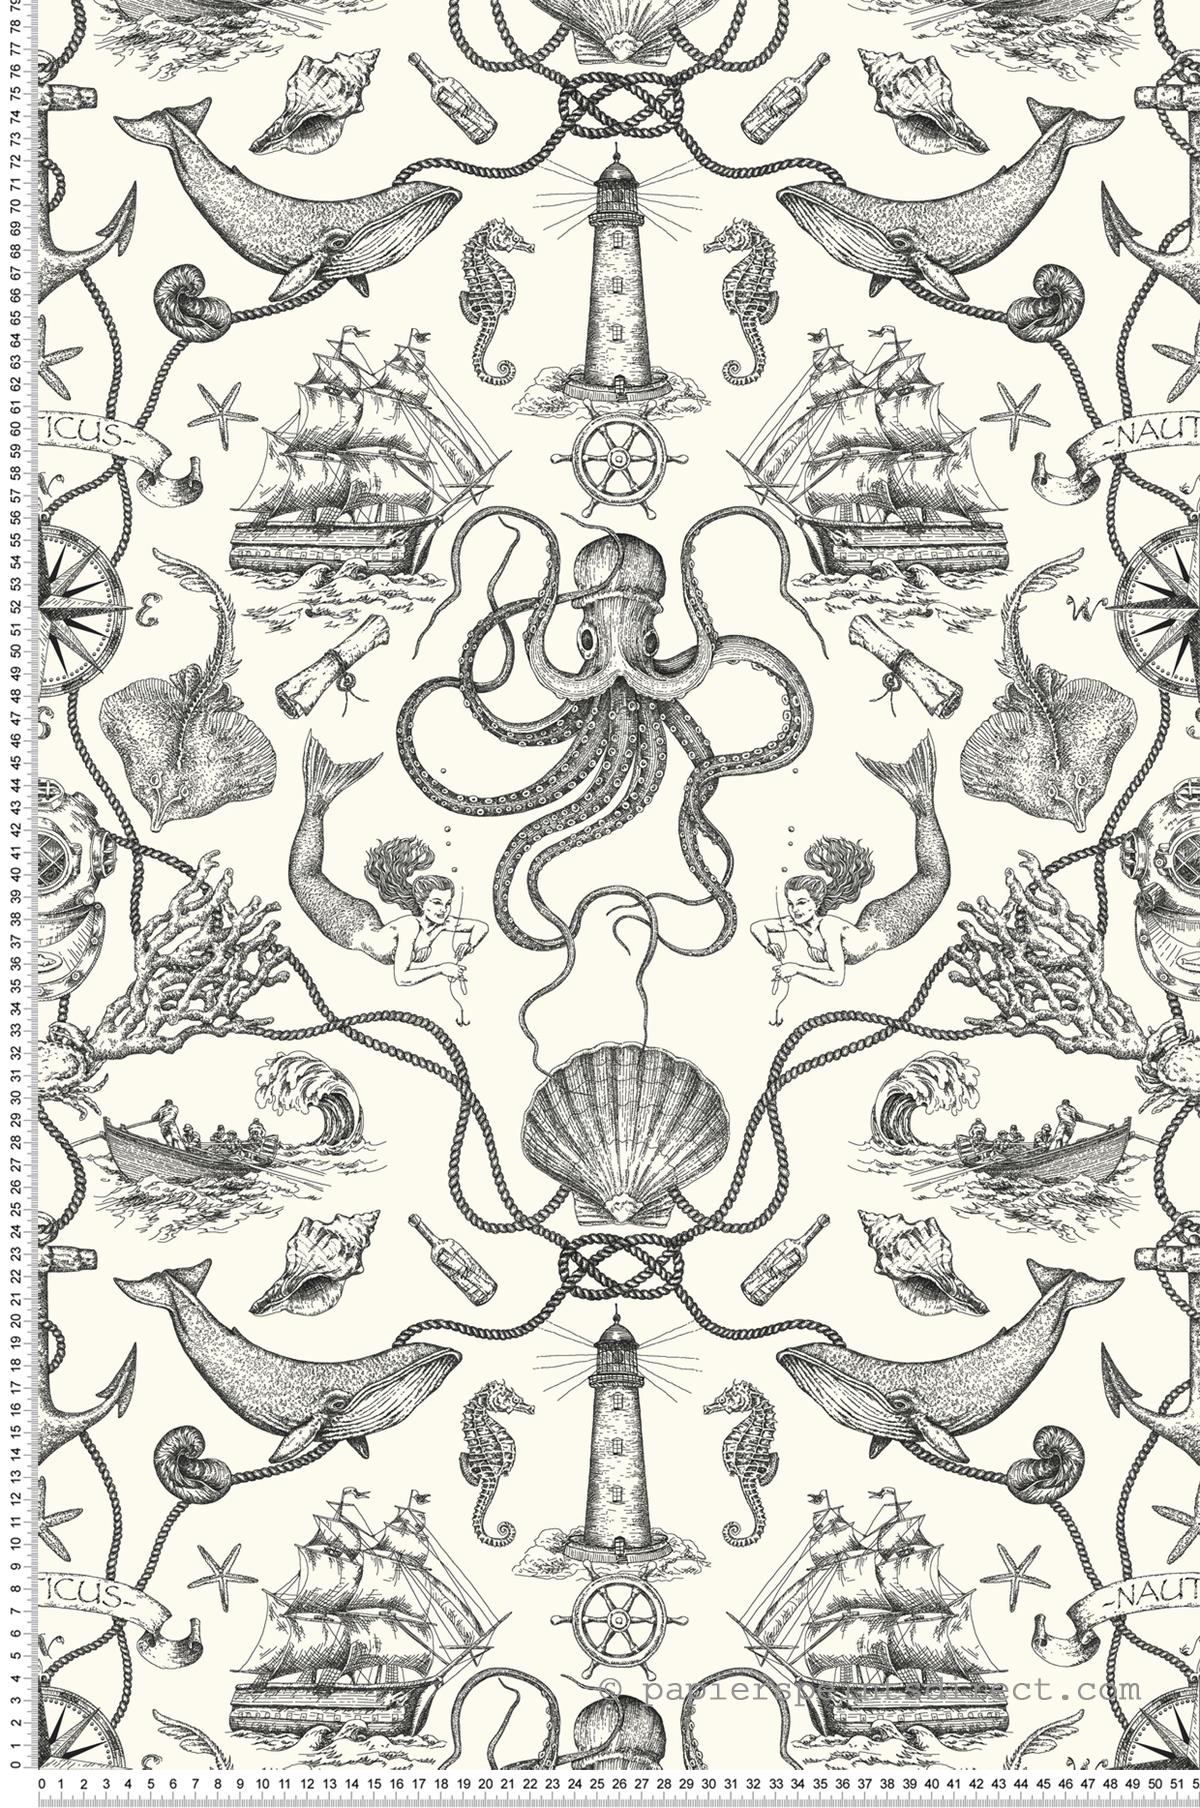 Papier peint Mer toile noir et blanc - Tailored de York (Initiales) | Réf. INI-HO3360